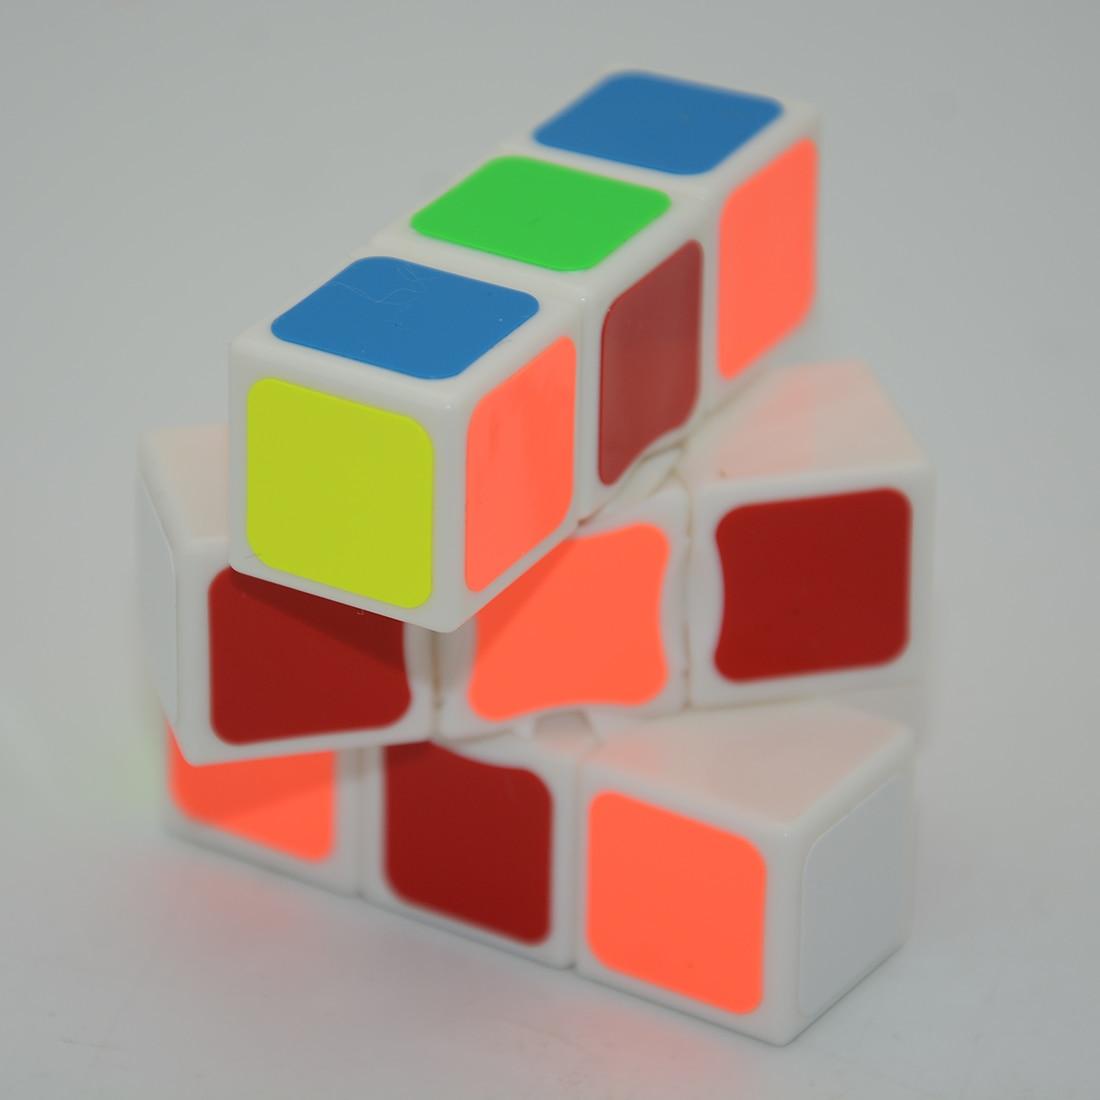 2017 Жаңа келу 1X3X3 дискета Magic Cube Puzzle Brain - Ойындар мен басқатырғыштар - фото 6